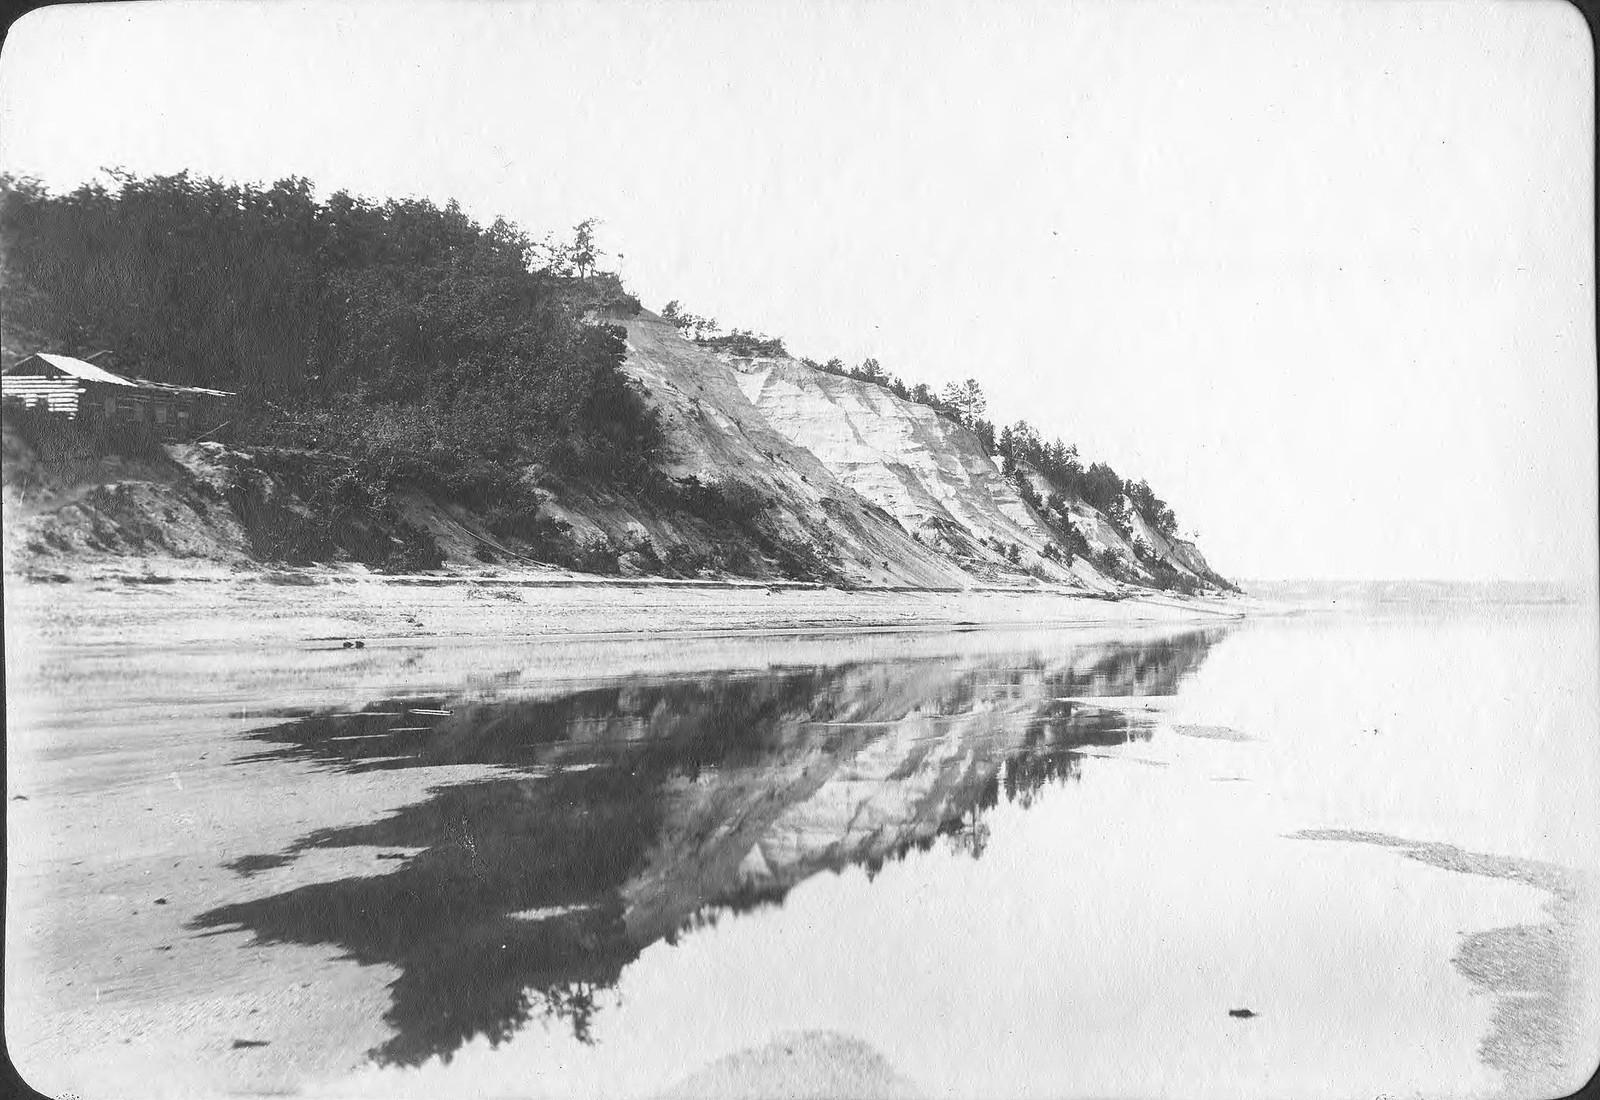 Вид обрывистого правого берега реки Зеи у деревни Голубой.